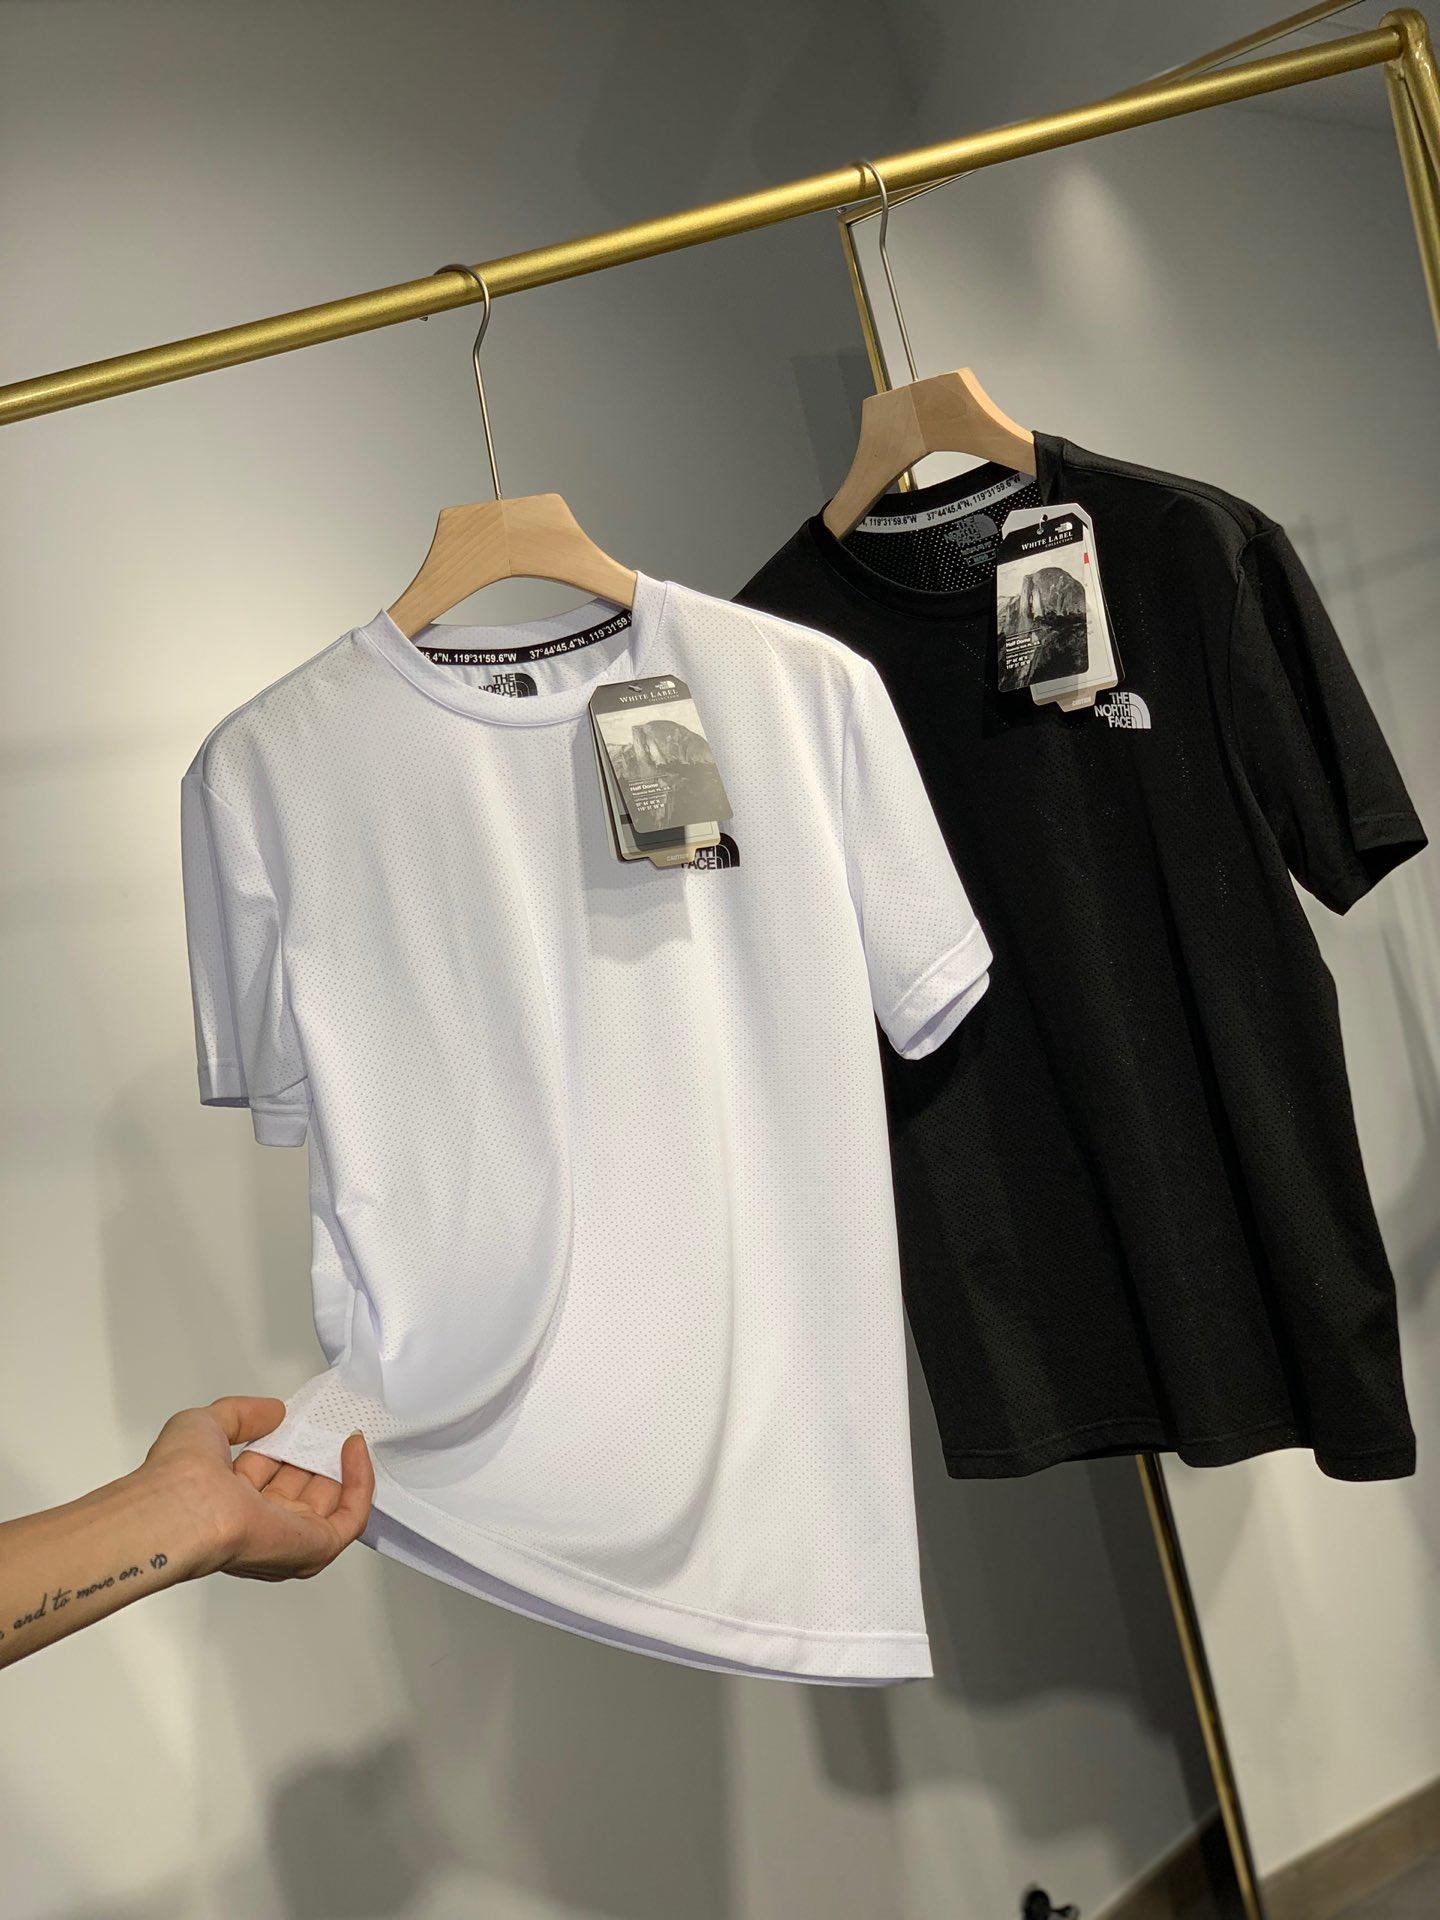 The North Face メンズ Tシャツ 3色 ブランドコピー おすすめ 口コミ激安販売